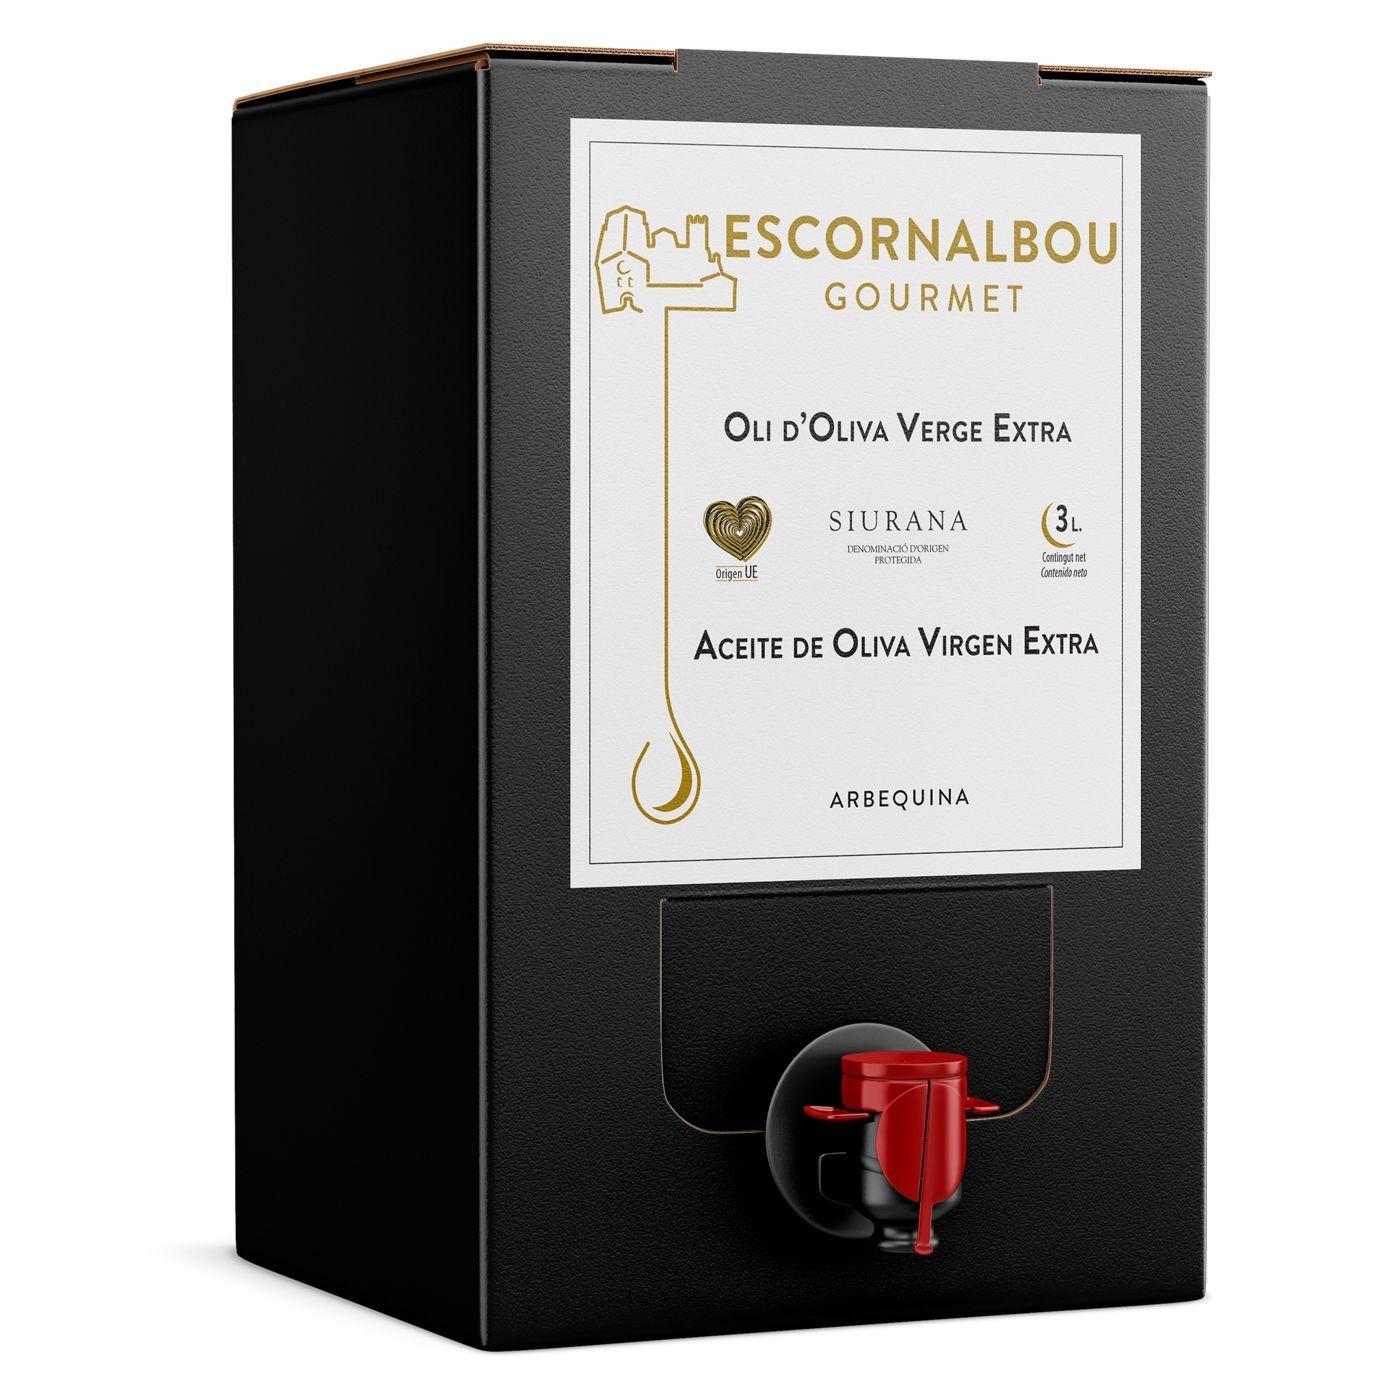 Comprar 3L Aceite De Oliva Virgen Extra 100% Arbequina - Bag In Box | Escornalbou Gourmet - Conserva tu AOVE en óptimas condiciones con el envase BIB. El mejor envase para conservar tu AOVE durante más tiempo.